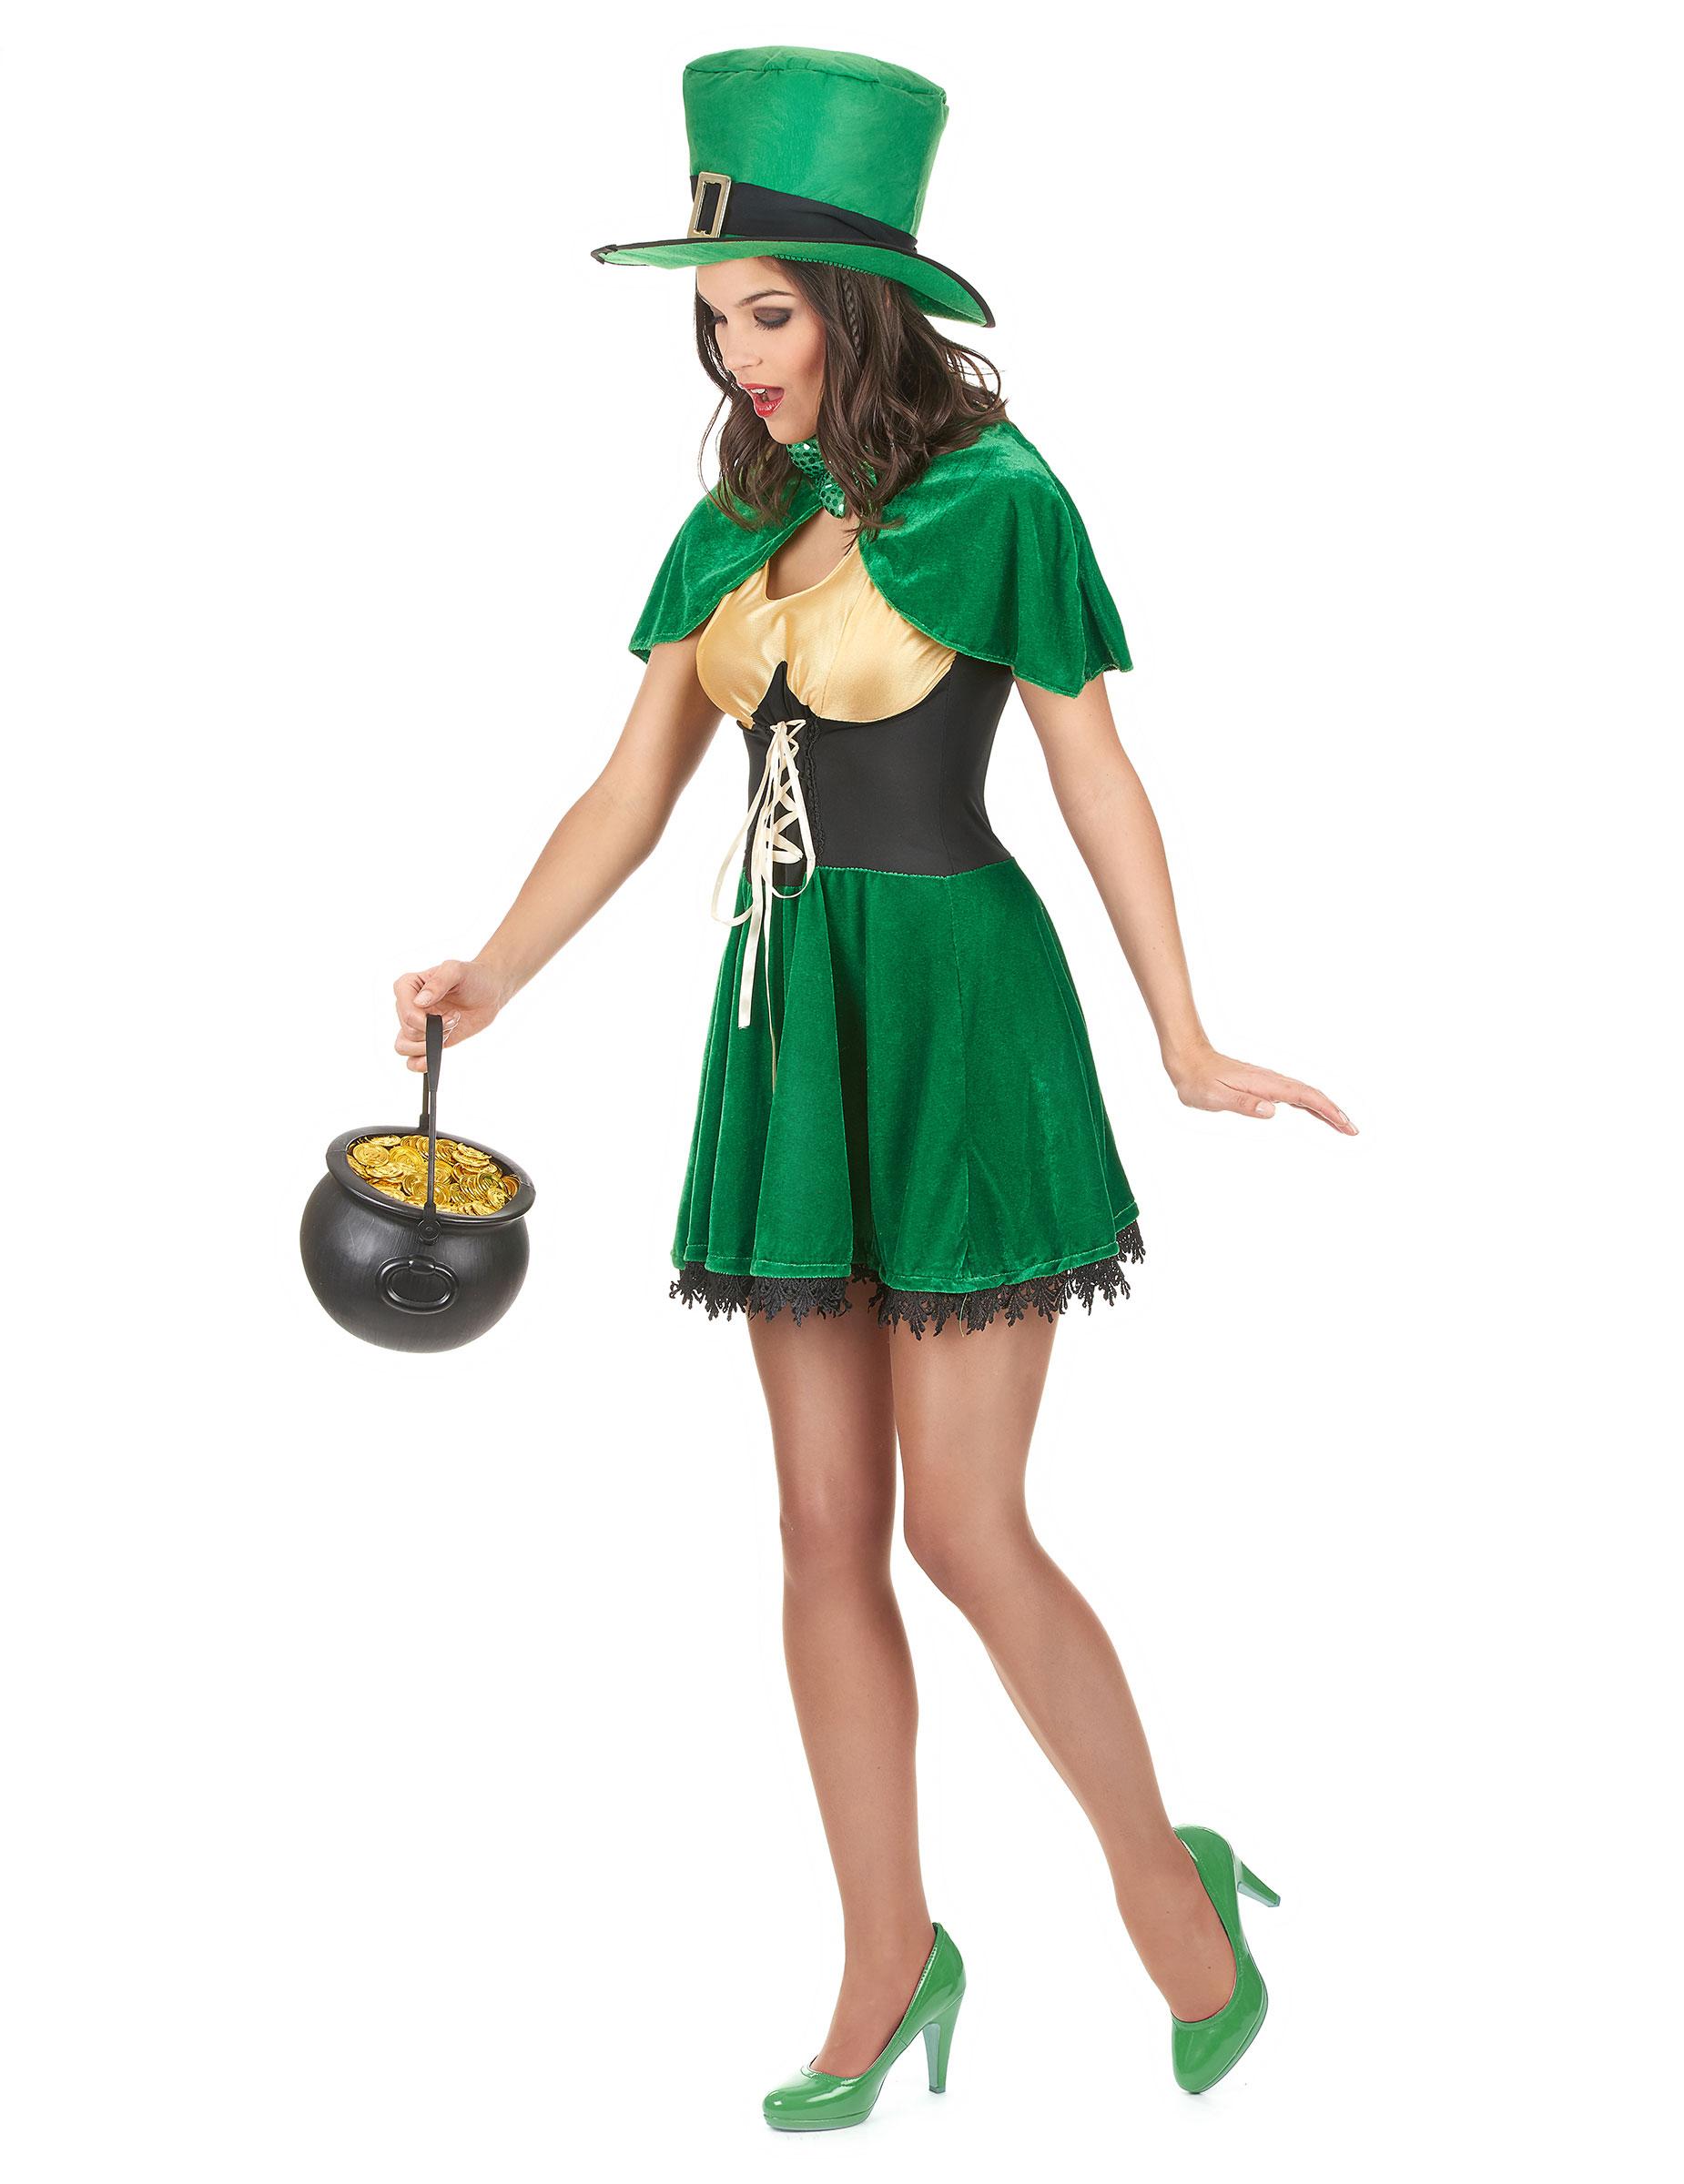 Costume da folletto di San Patrizio per donna su VegaooParty ... c6e8b443836d